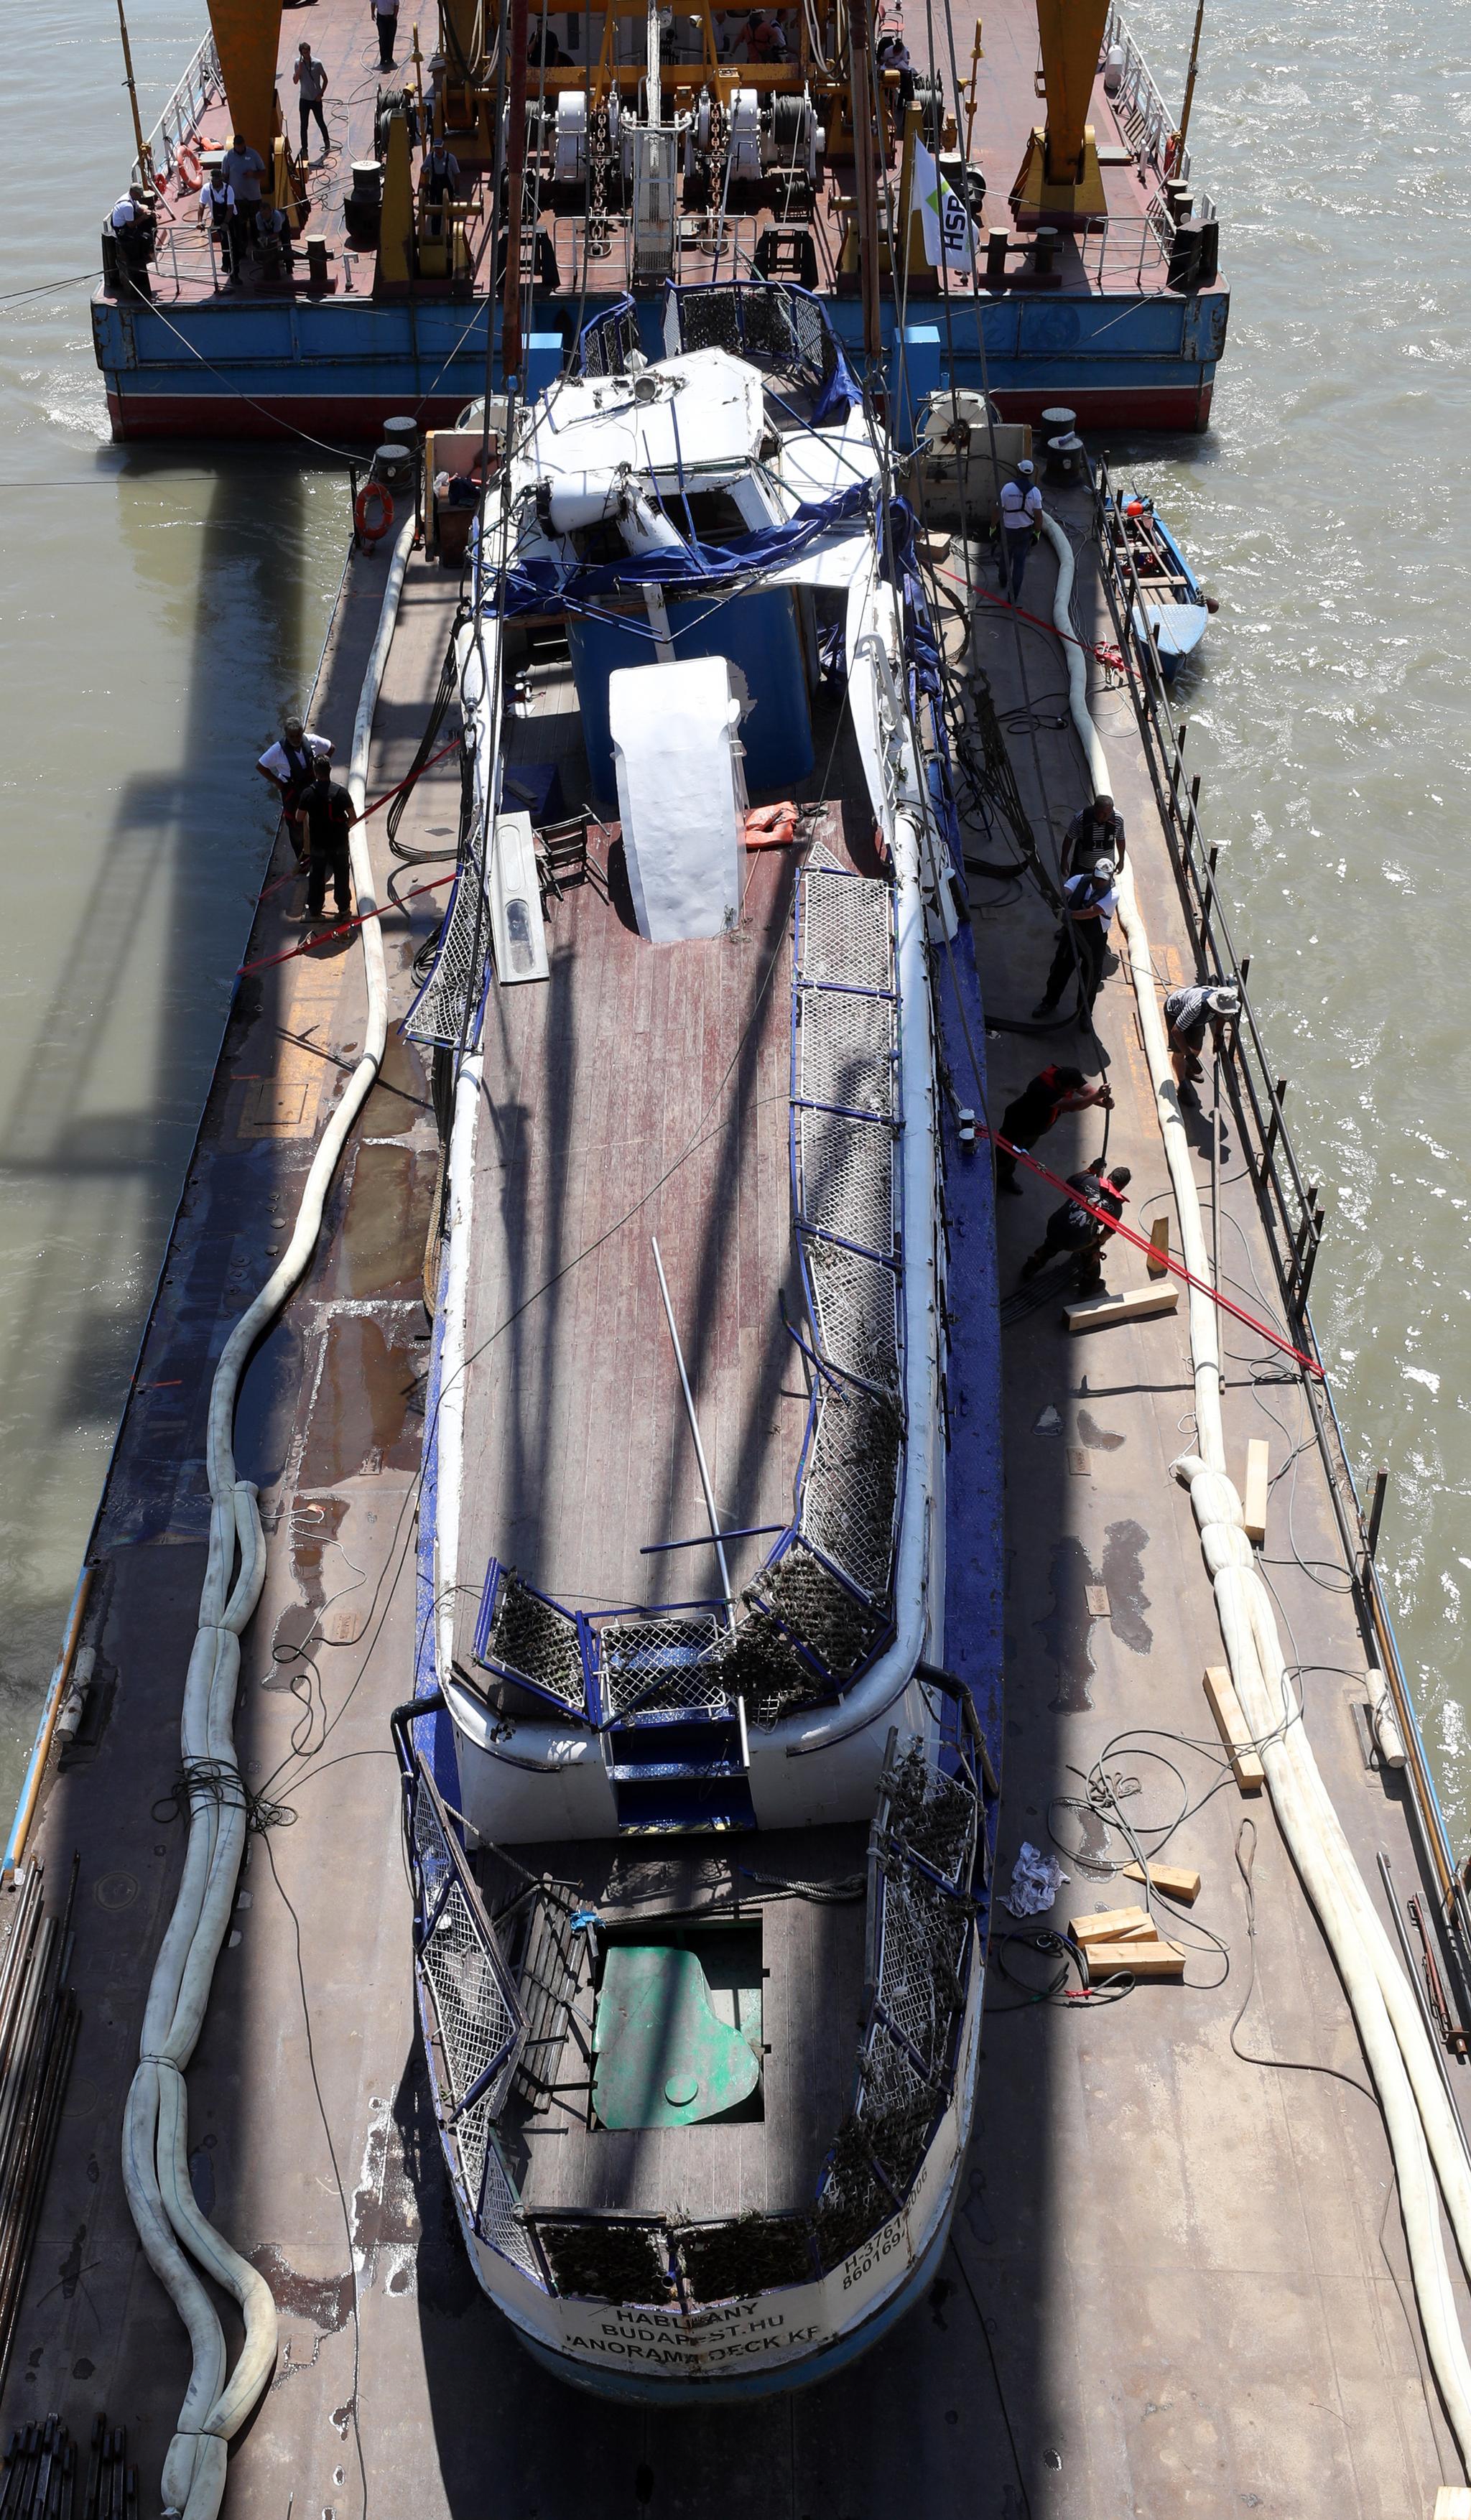 11일 오후(현지시간) 헝가리 부다페스트 다뉴브강에서 인양이 완료된 허블레아니호. [뉴스1]